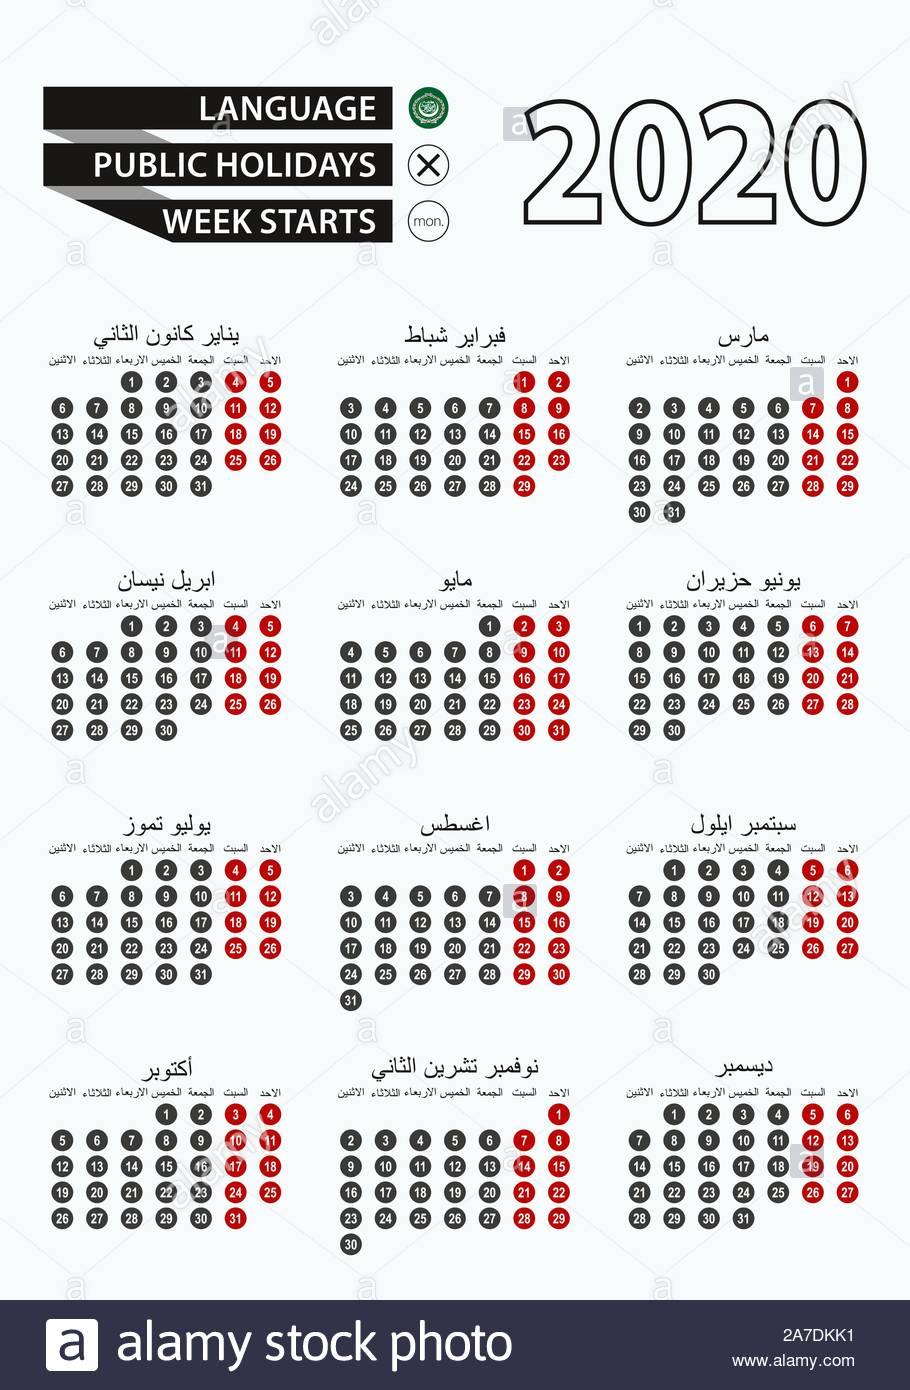 Get 2020 Aramco Calendar | Calendar Printables Free Blank regarding Aramco Calendar 2021